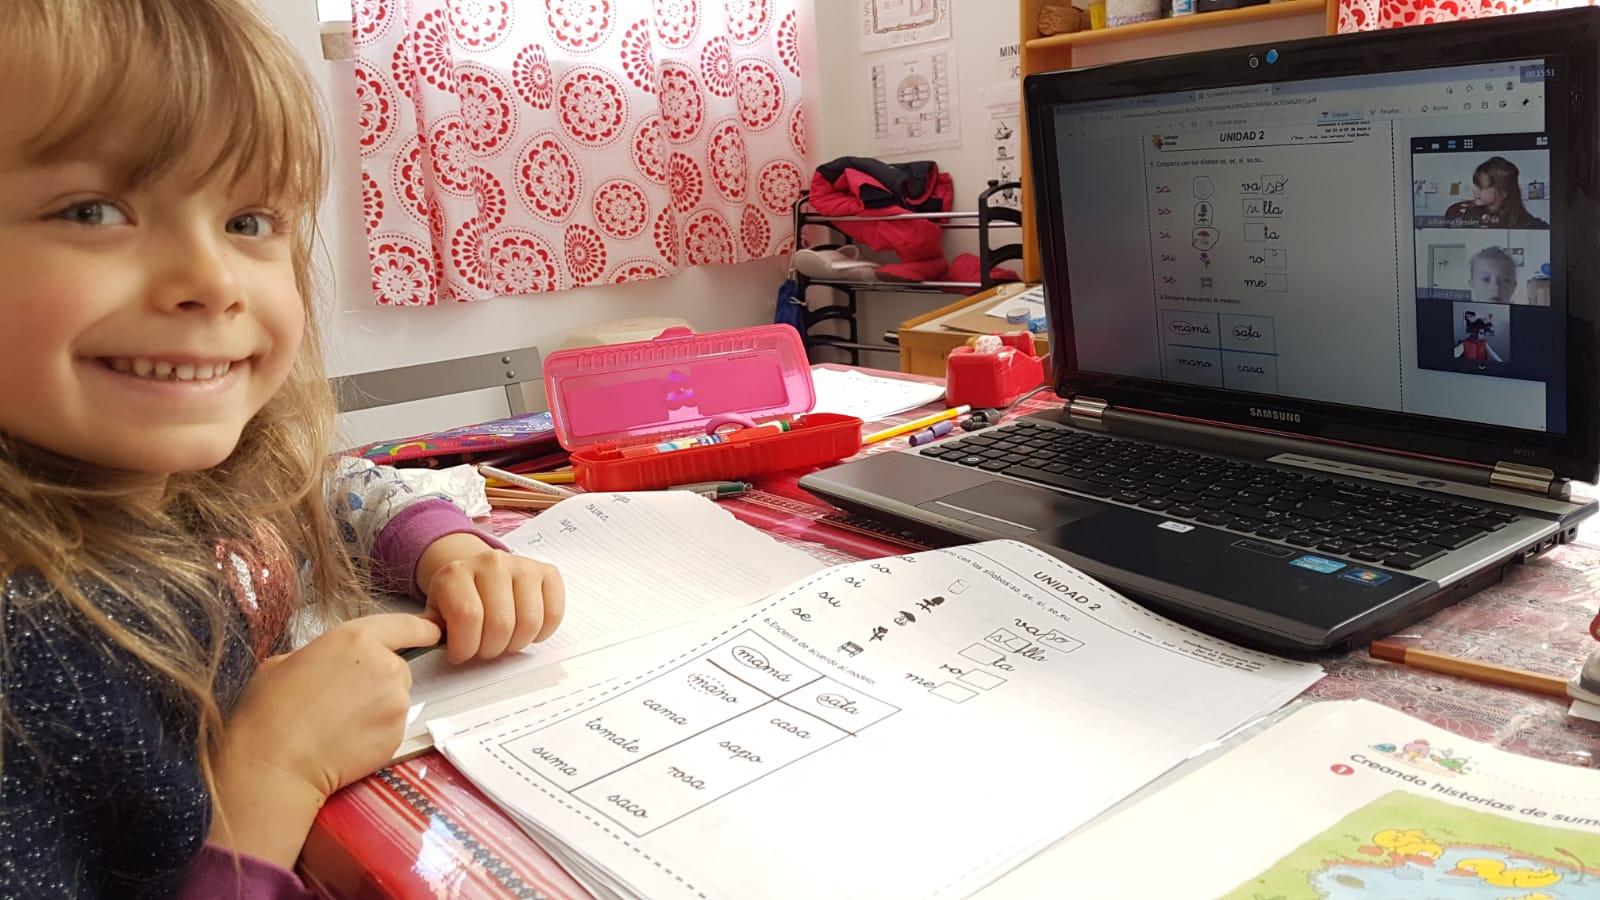 Mit der Hilfe der Eltern bearbeiten die Schüler ihre Aufgaben zu Hause.